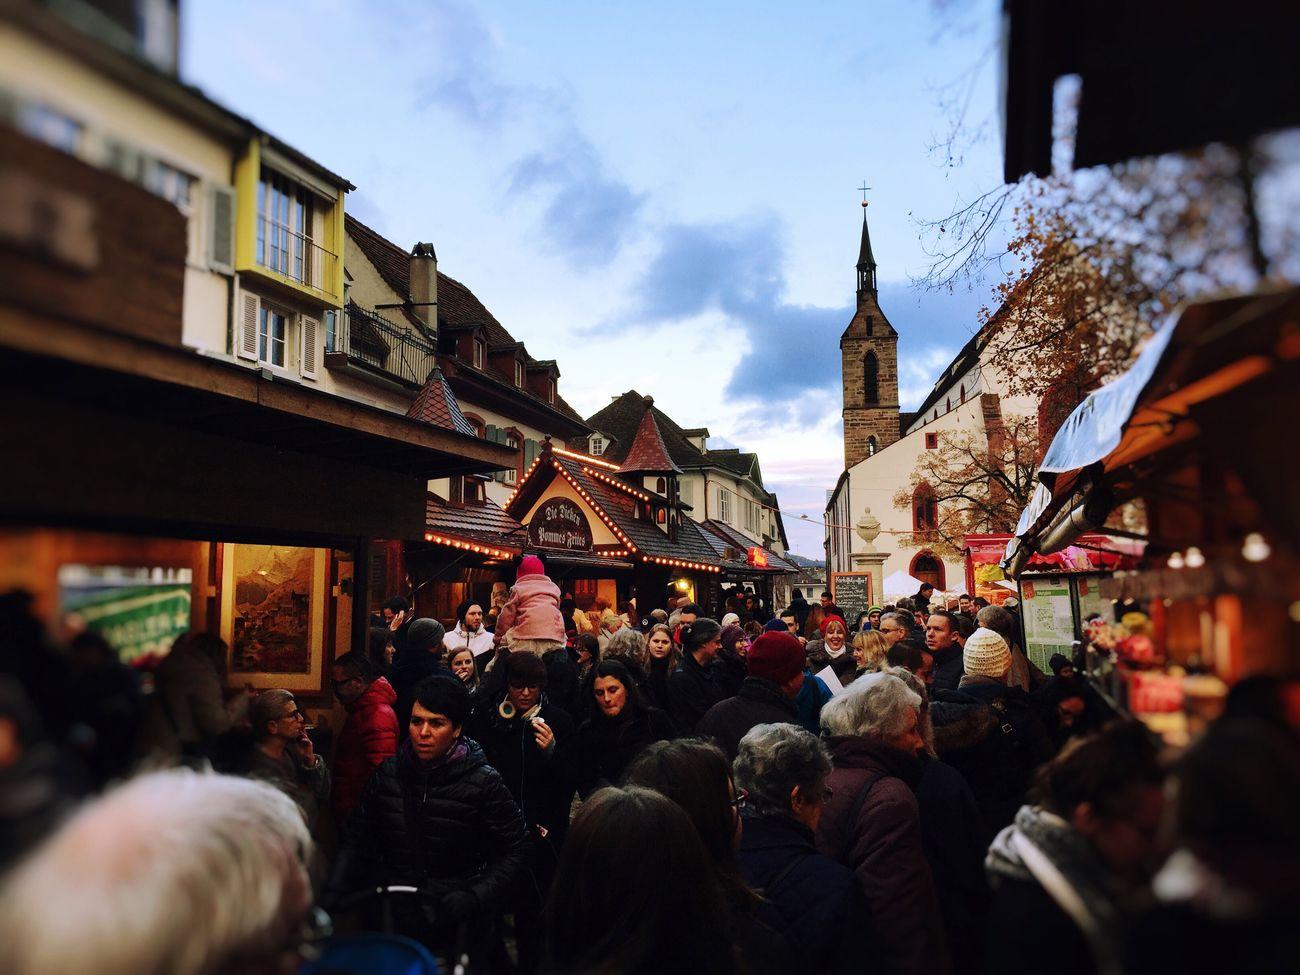 Crowd herbstmesse Street Market Switzerland